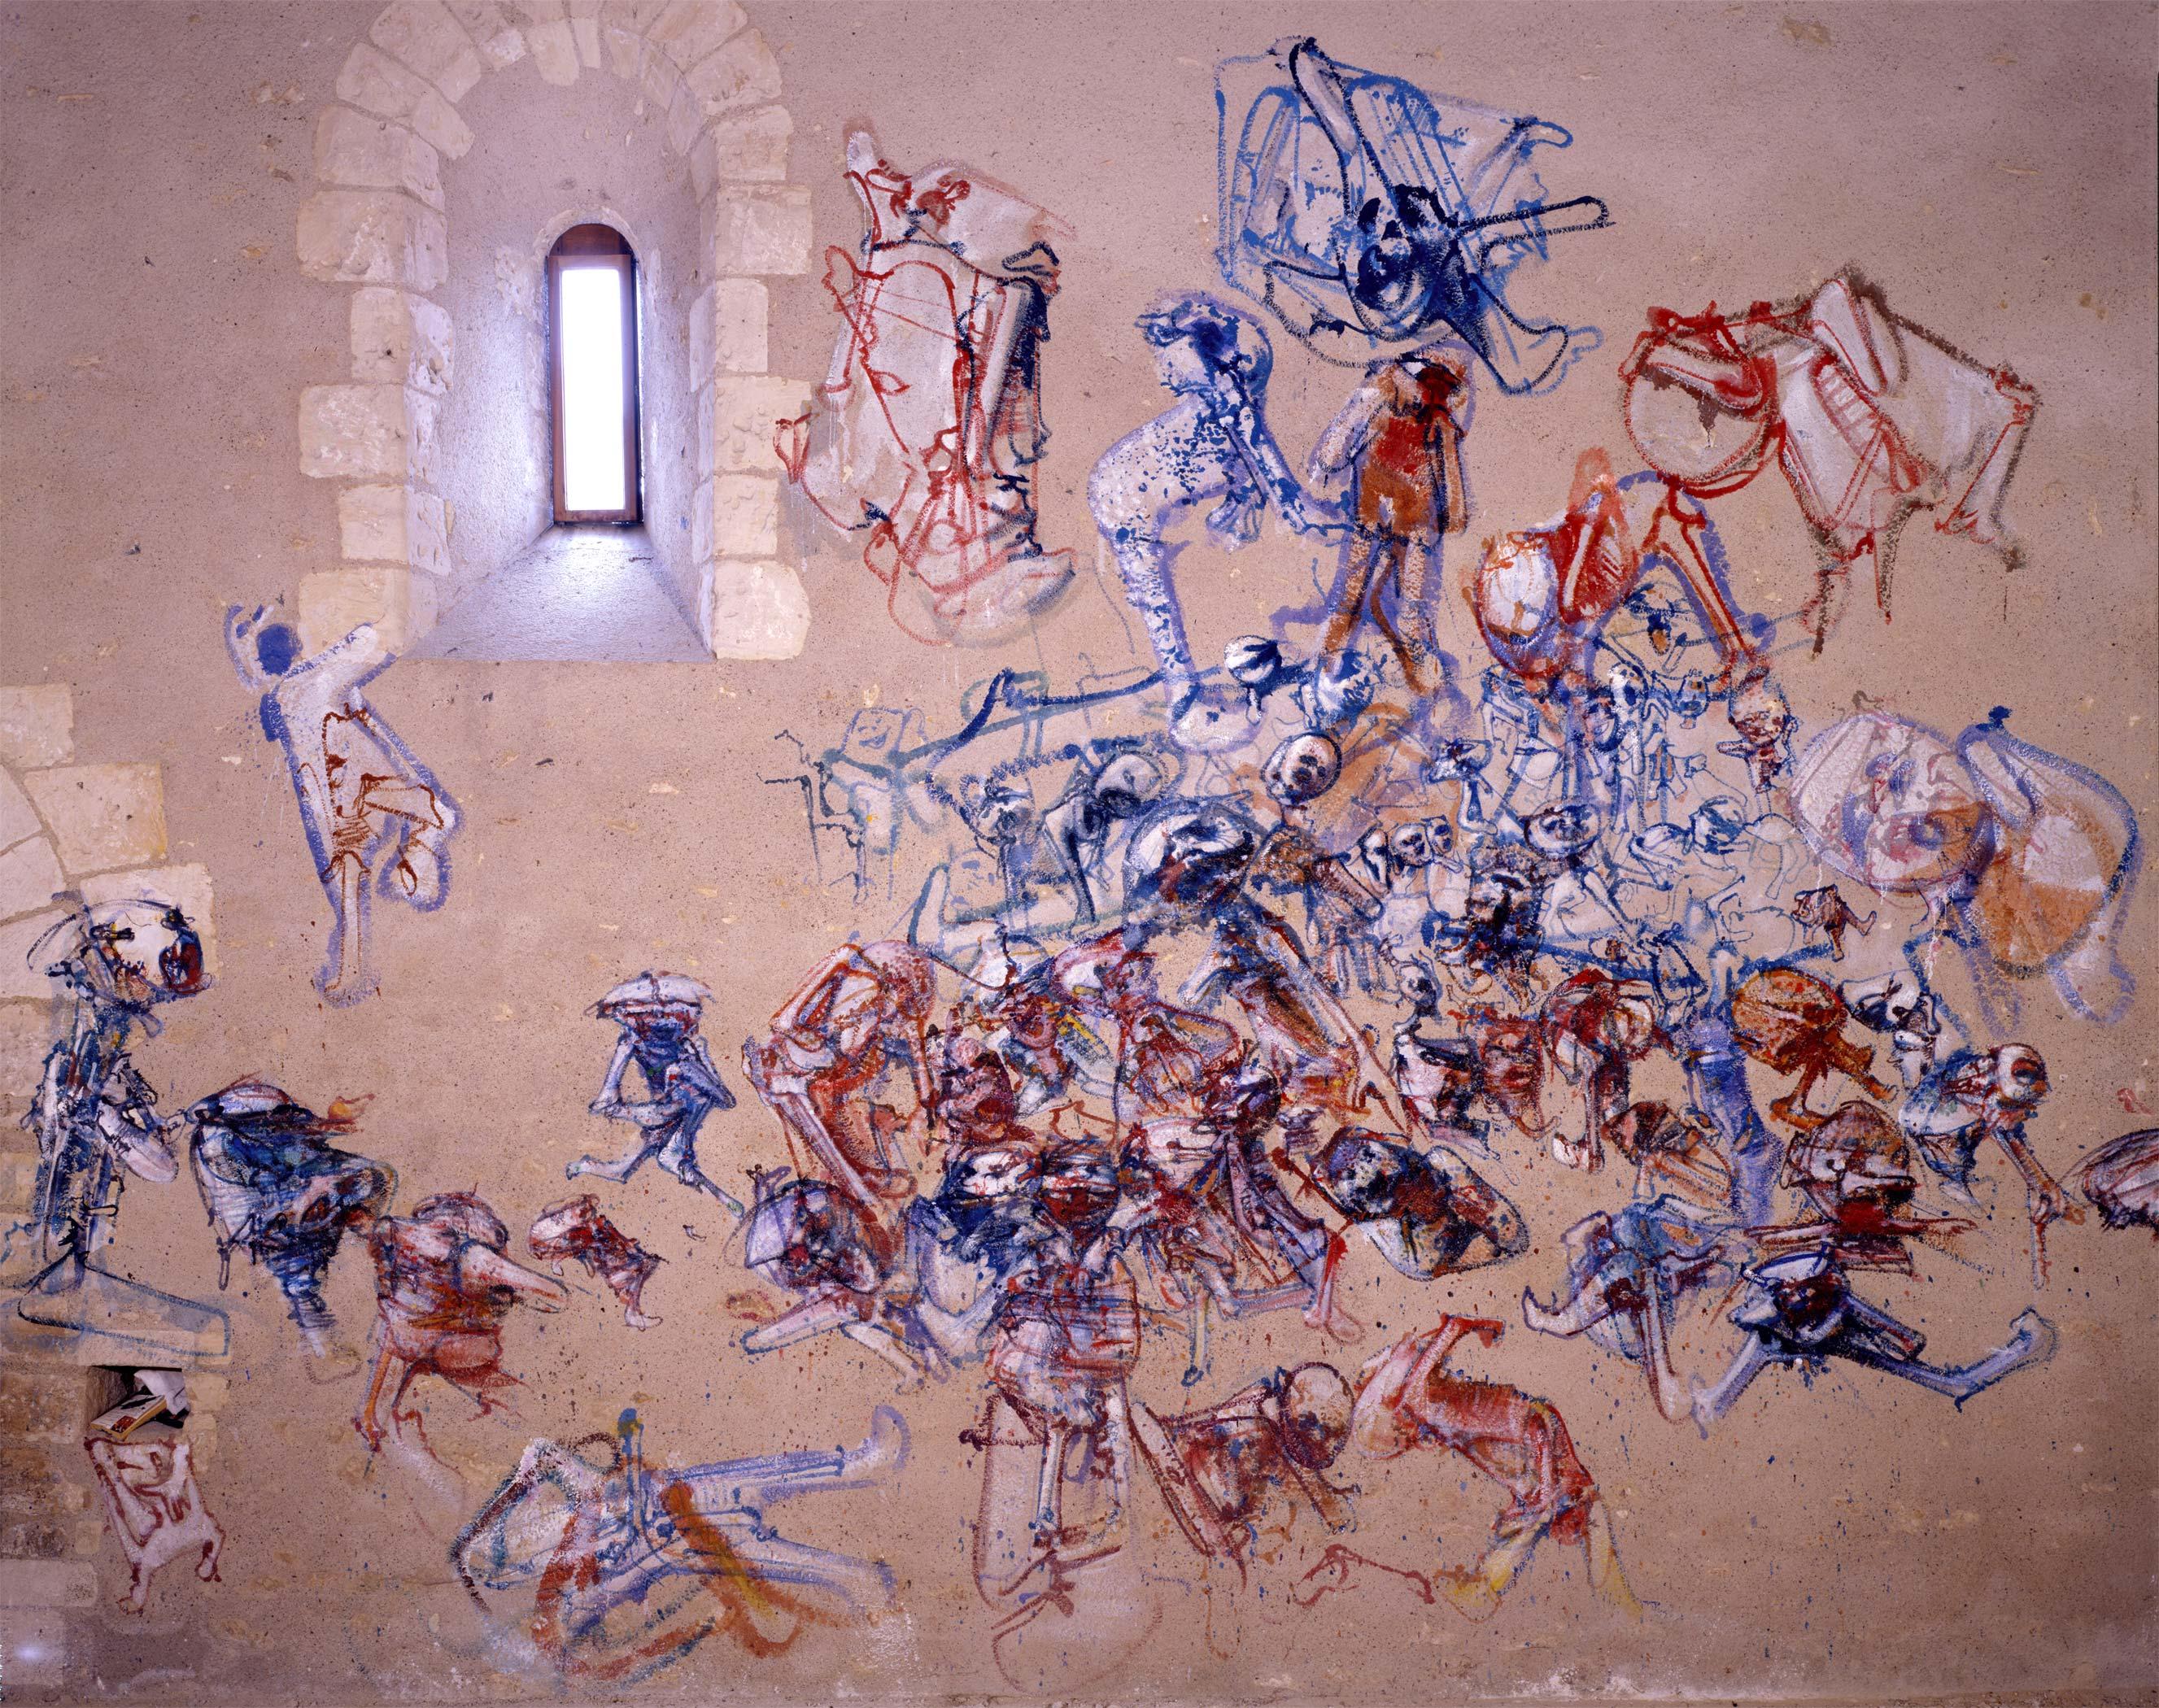 Chapel of St. Luke